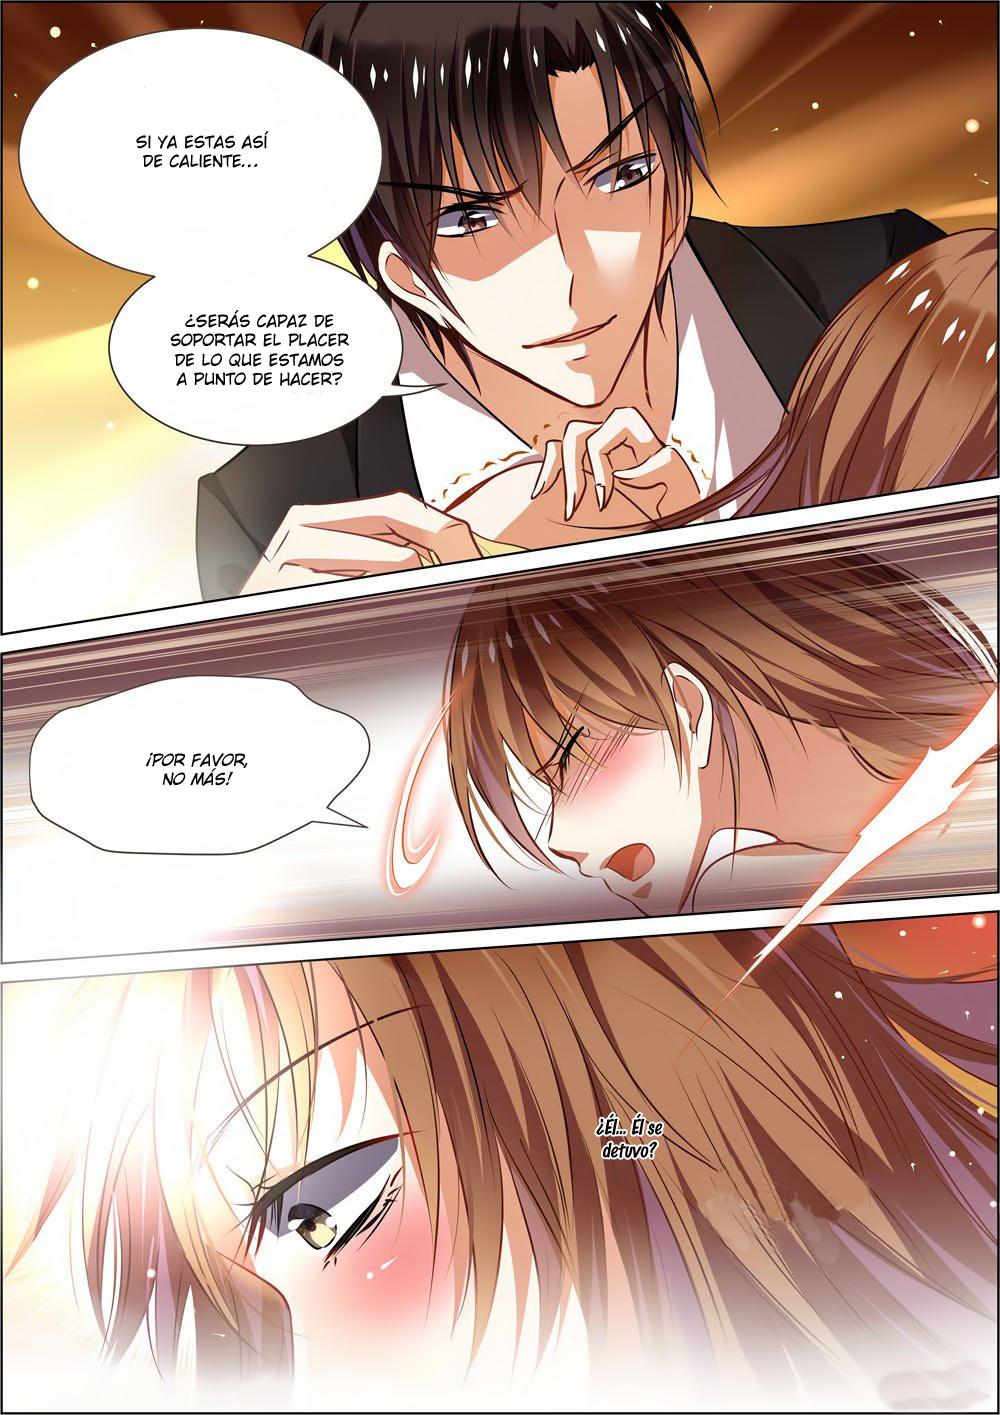 http://c5.ninemanga.com/es_manga/5/16069/395471/eafe3b34c187bf70fdba568313c8007b.jpg Page 6